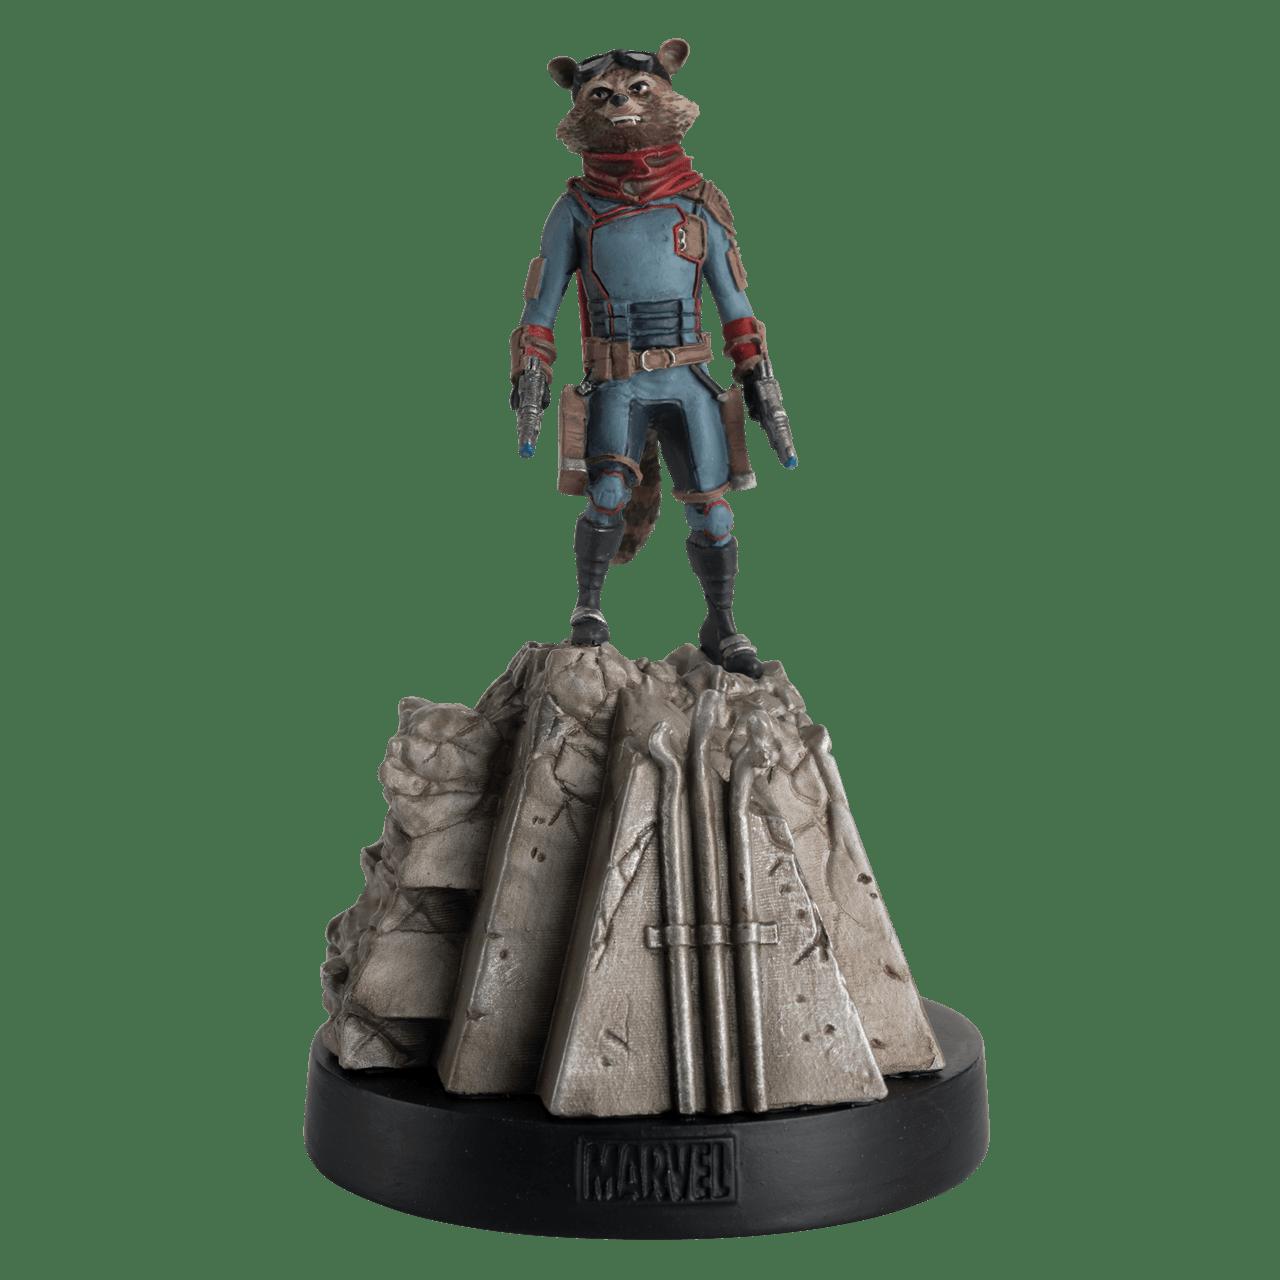 Rocket Figurine: Special Marvel Hero Collector - 1